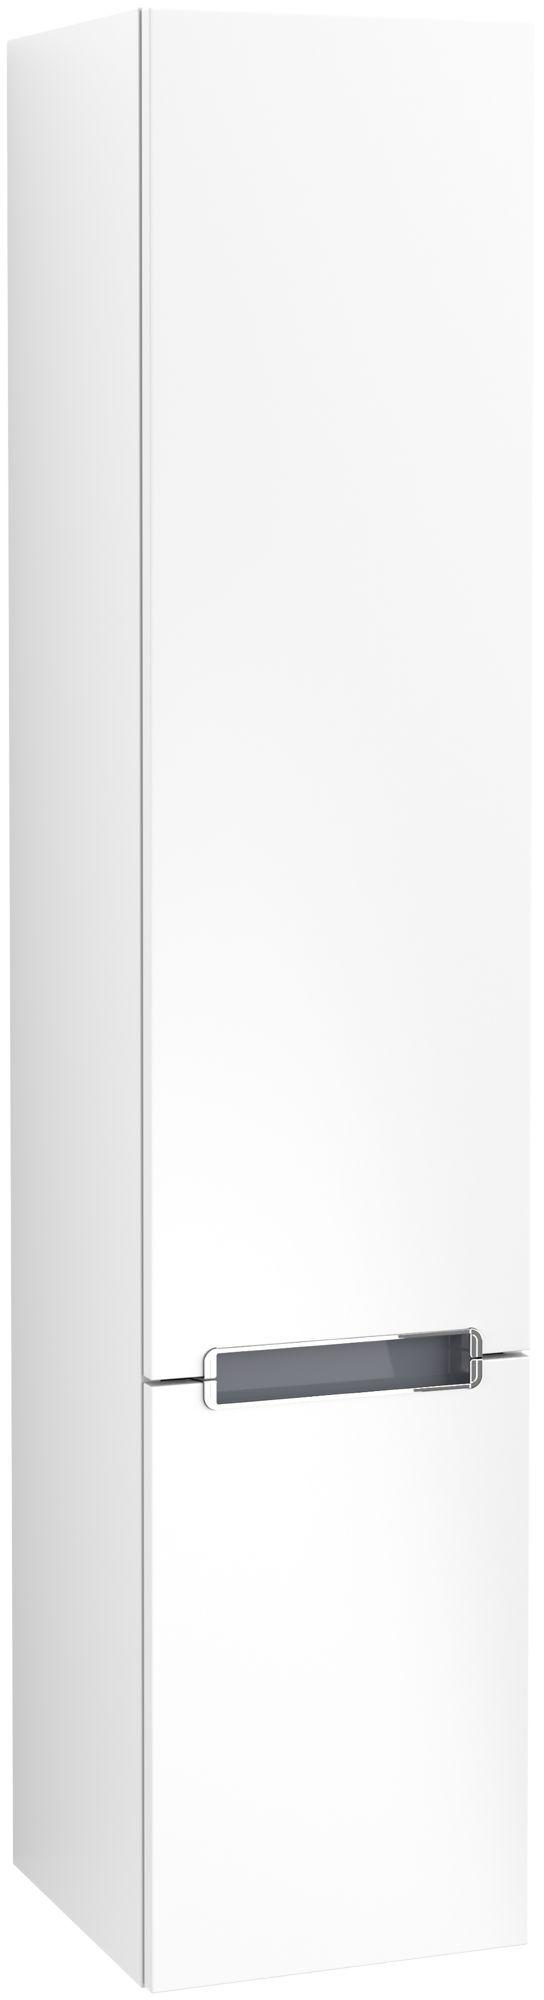 Villeroy & Boch Subway 2.0 Hochschrank 2 Türen Anschlag rechts B:350xT:370xH:1650mm weiß matt Griffe chrom A71010MS